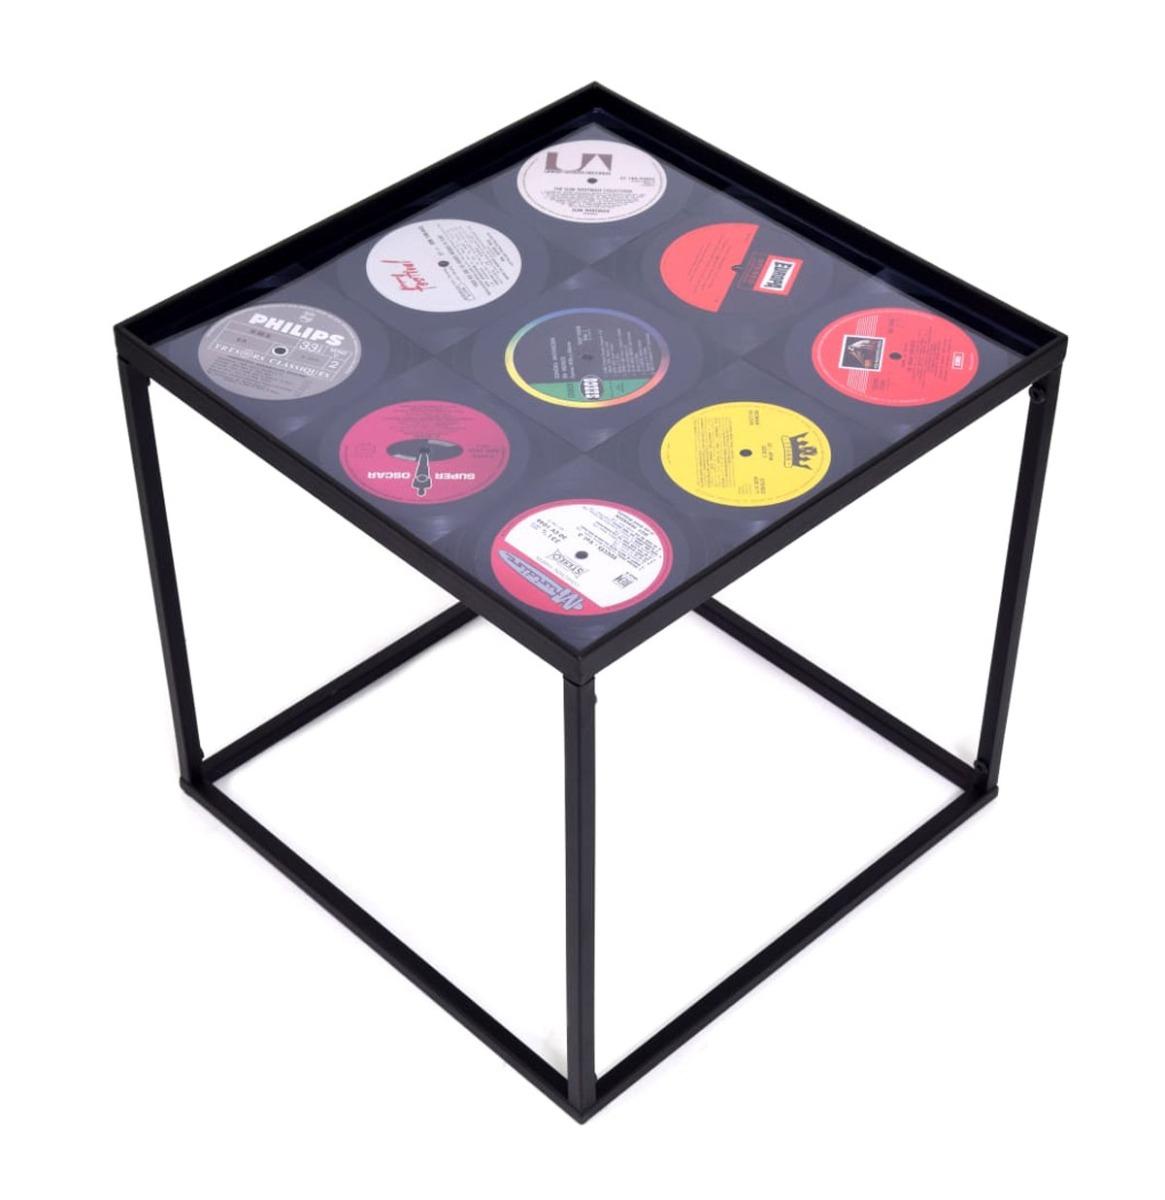 Koffietafeltje Vierkant Model Met Tegeltjes Van Echte Vinyl Platen